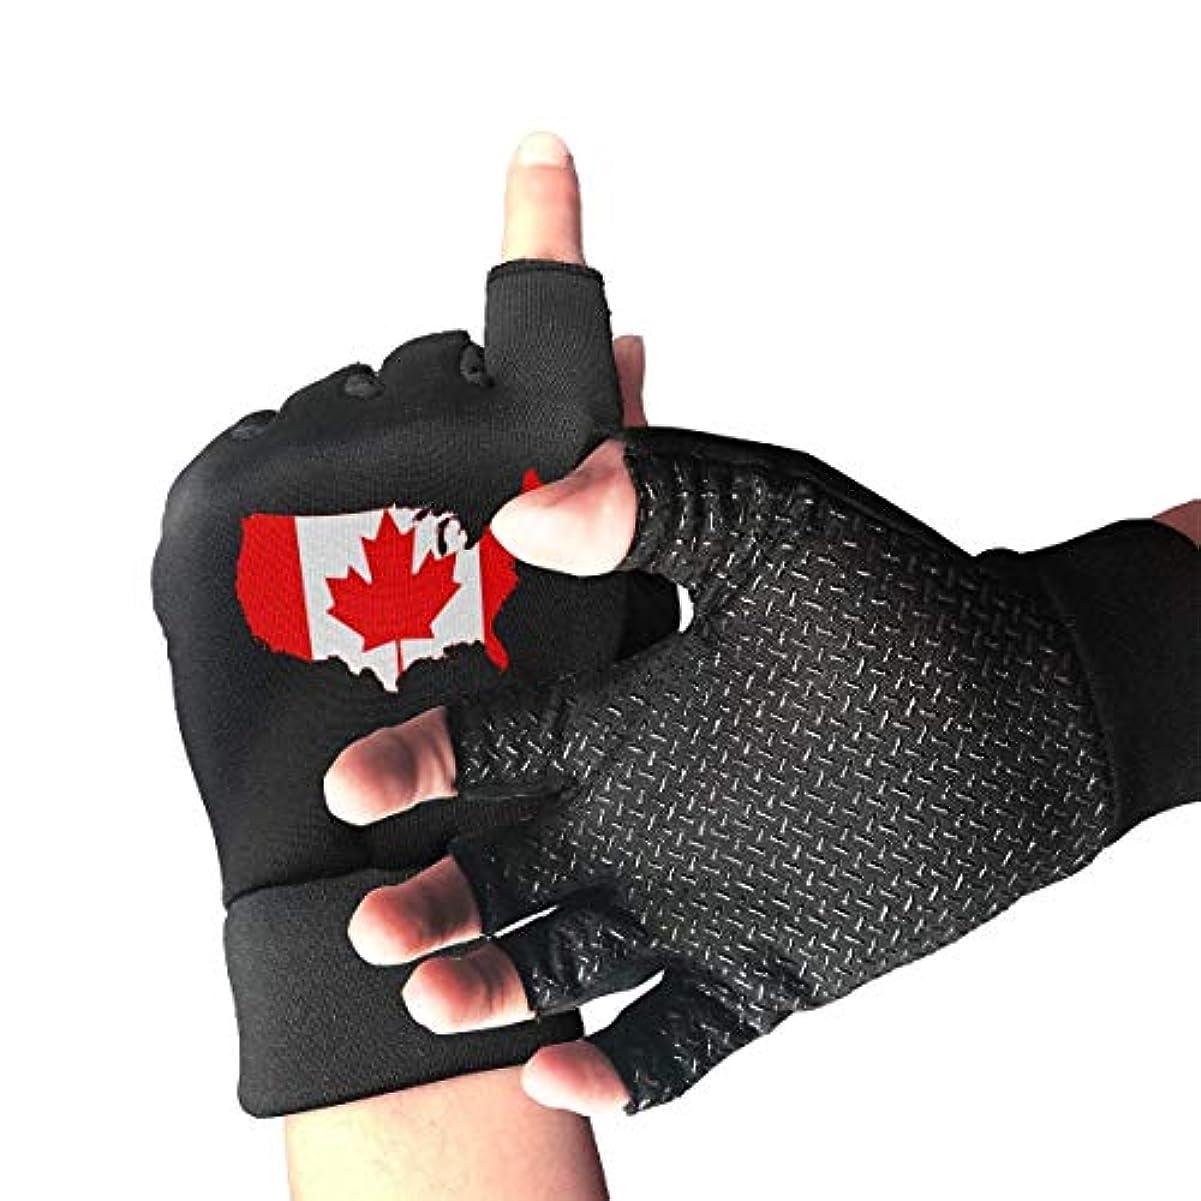 曲黒くする浮浪者Us and Canada Map指なし/半指用手袋バイク用手袋/サイクリングマウンテン用手袋/滑り止め衝撃吸収性通気性メンズ/レディース手袋